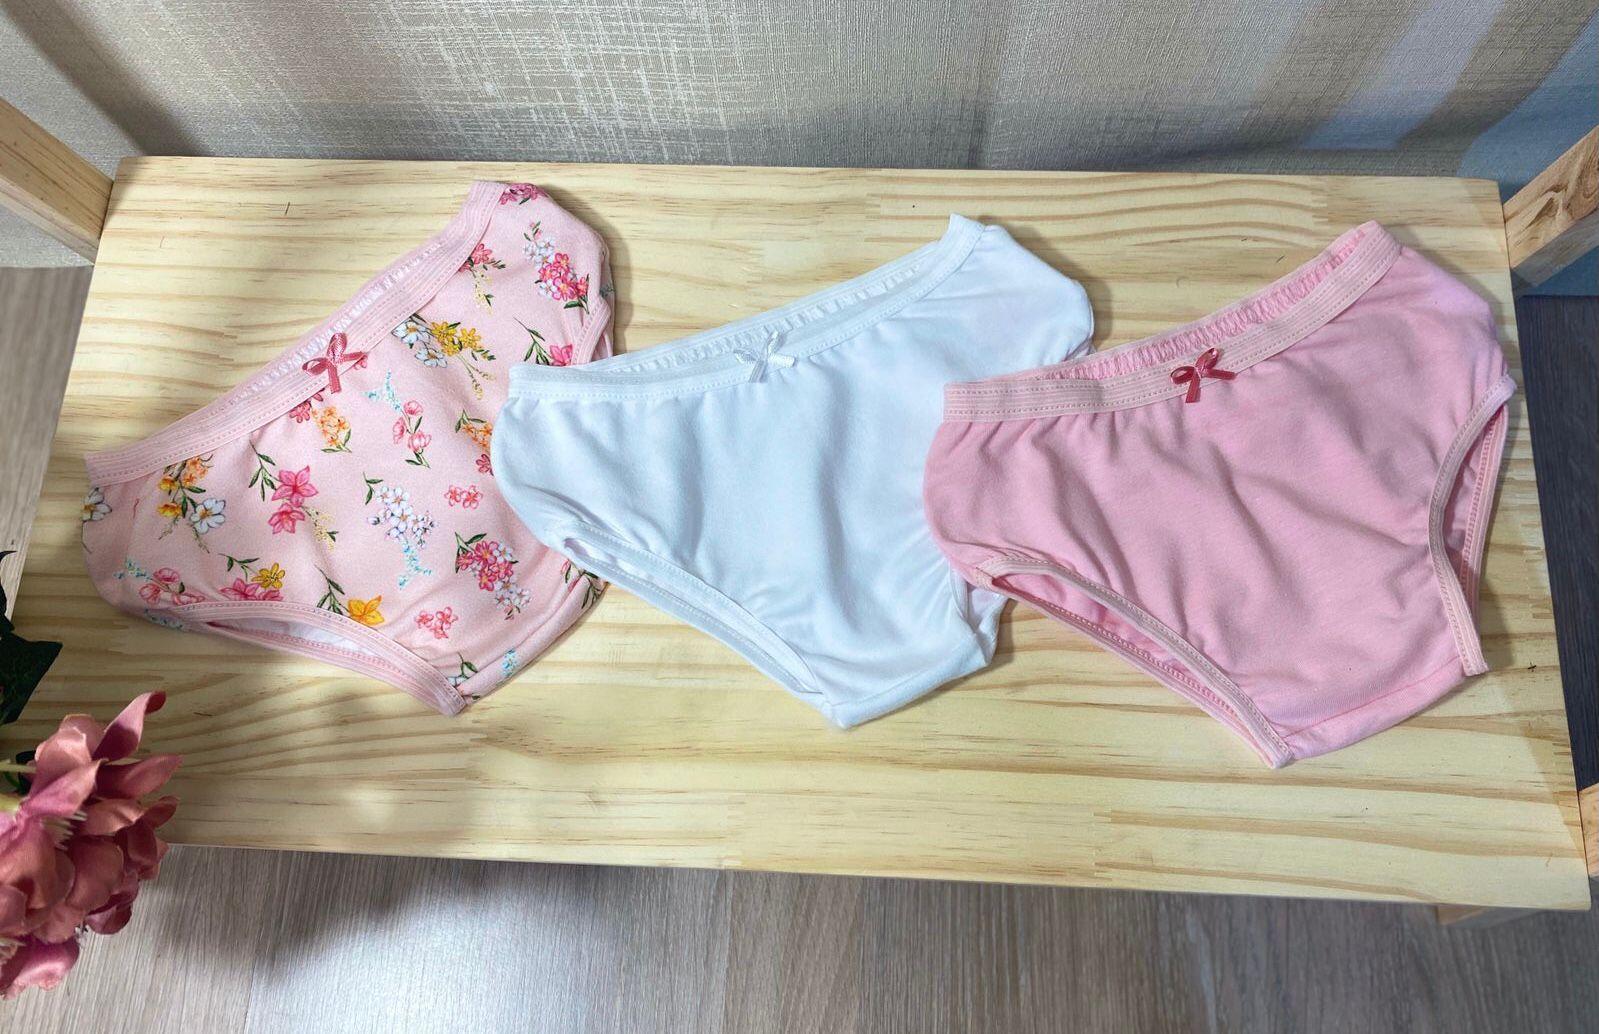 Kit Calcinha infantil em algodão - Tam 1 a 3 anos